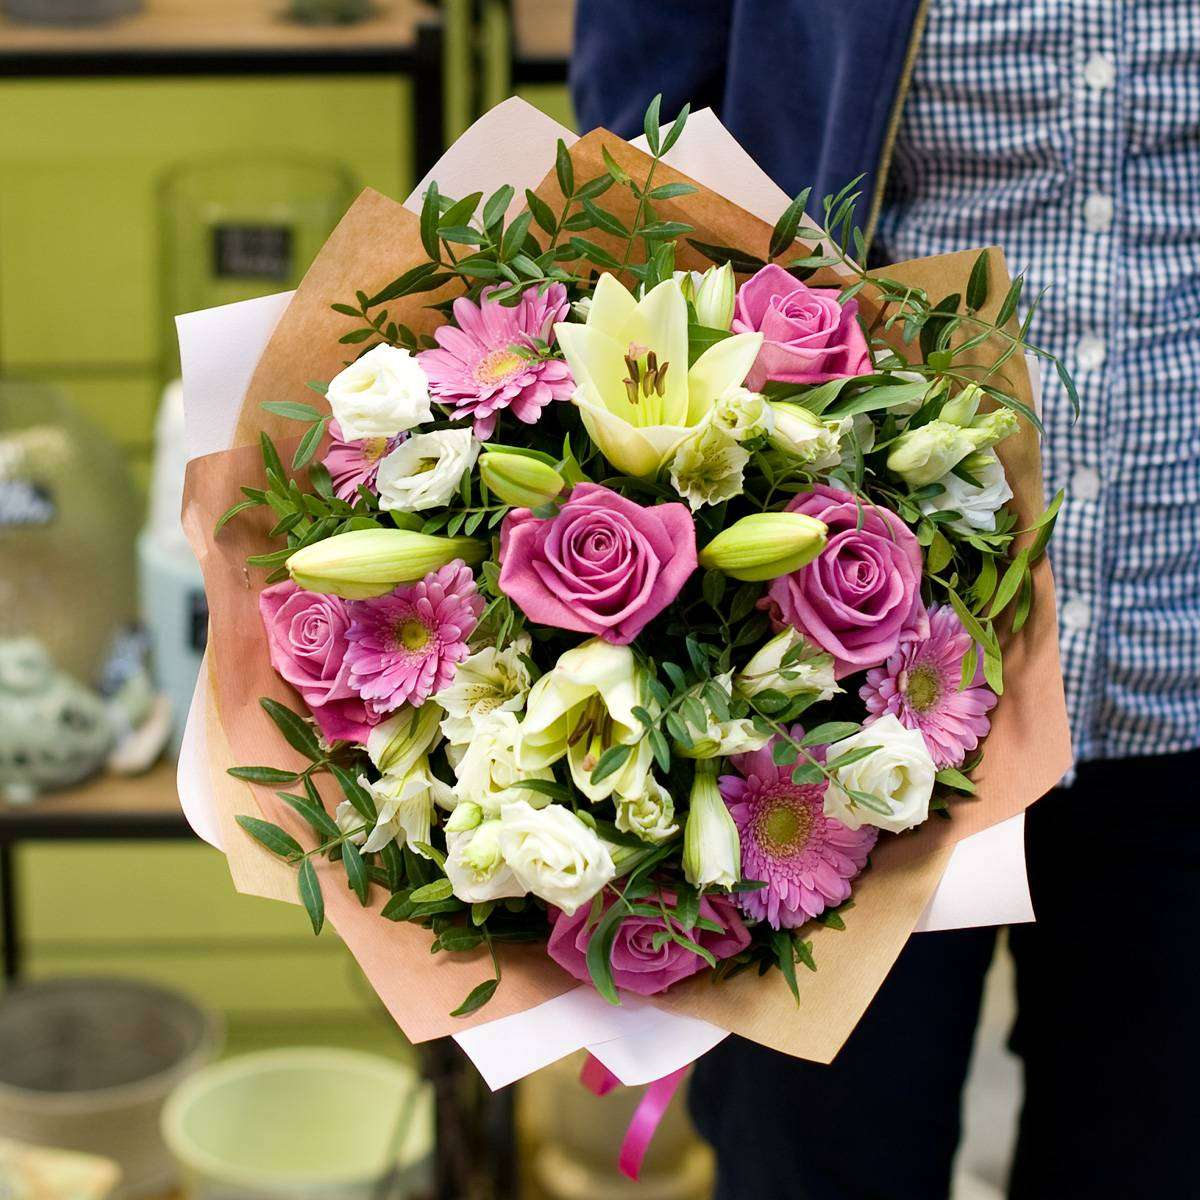 Цветы доставка биробиджан, цветов